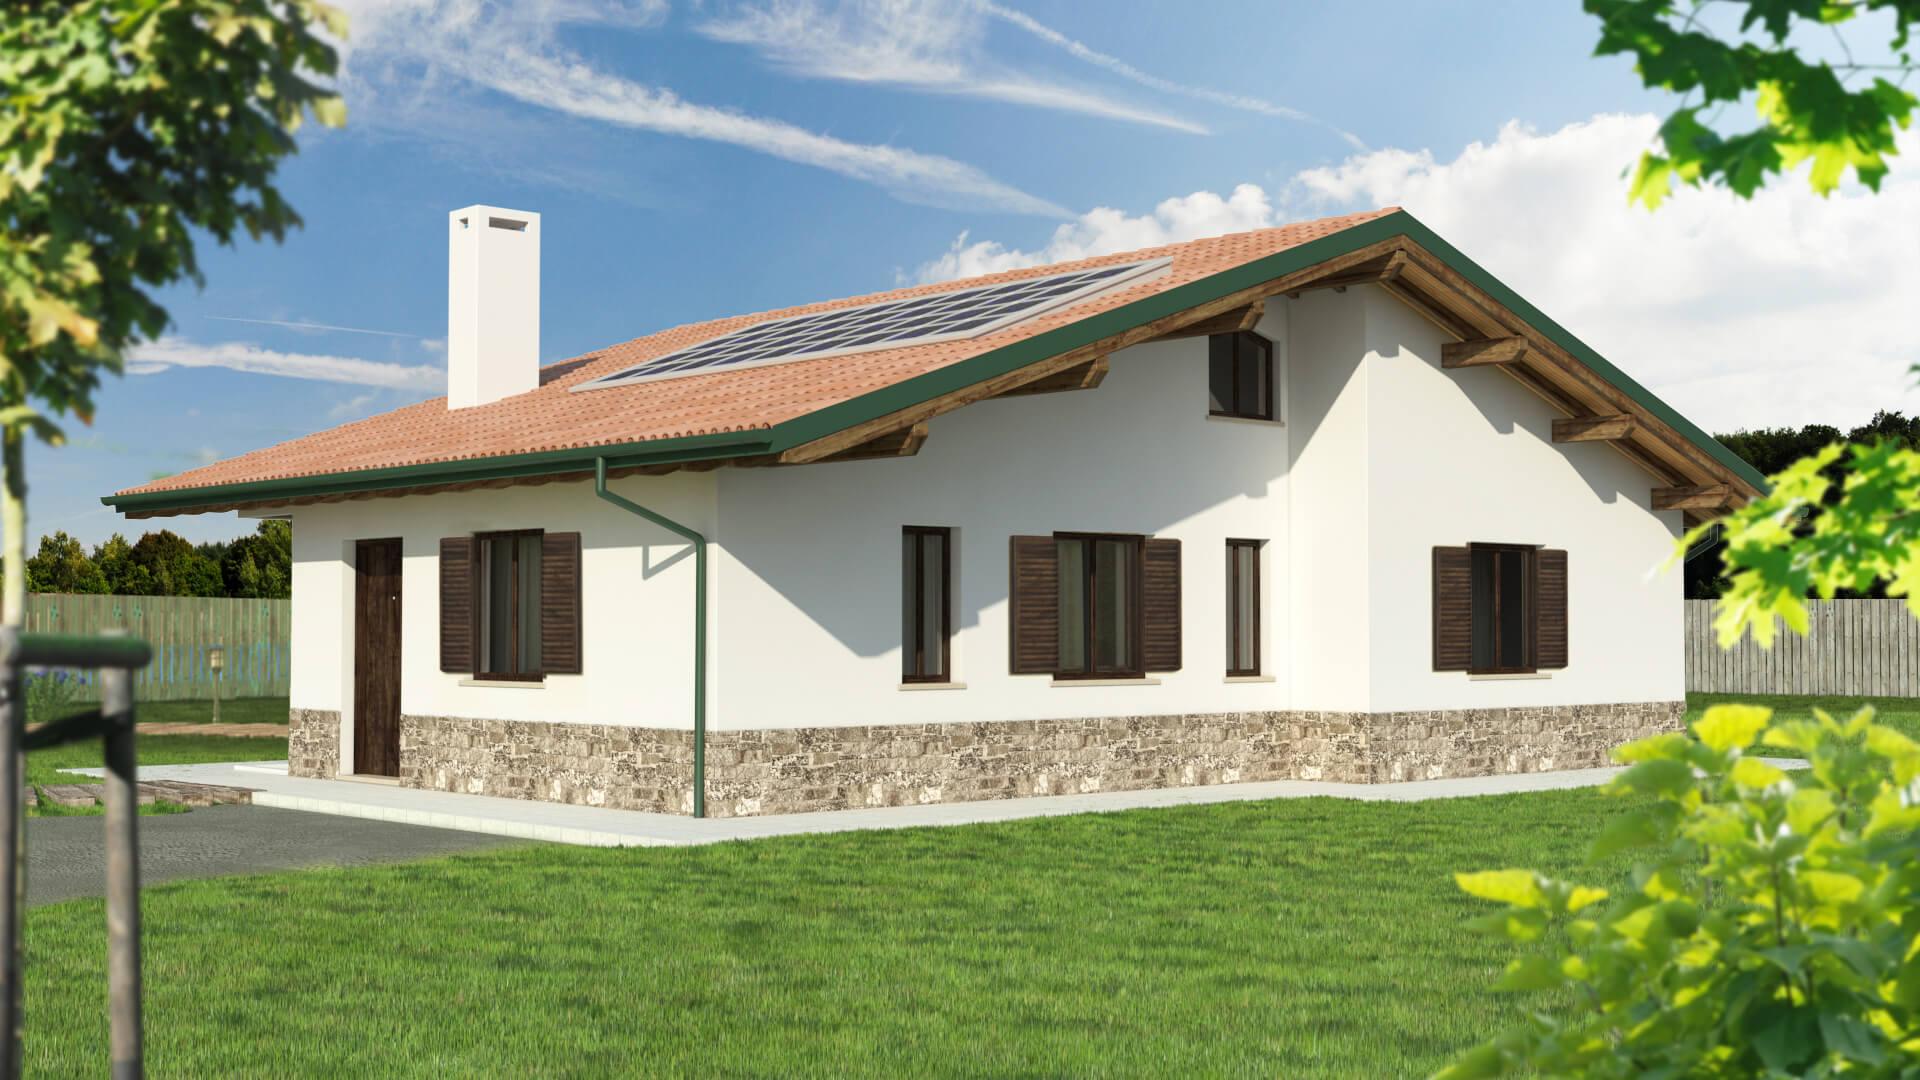 Casa In Legno Monopiano Urb16 Urban Green